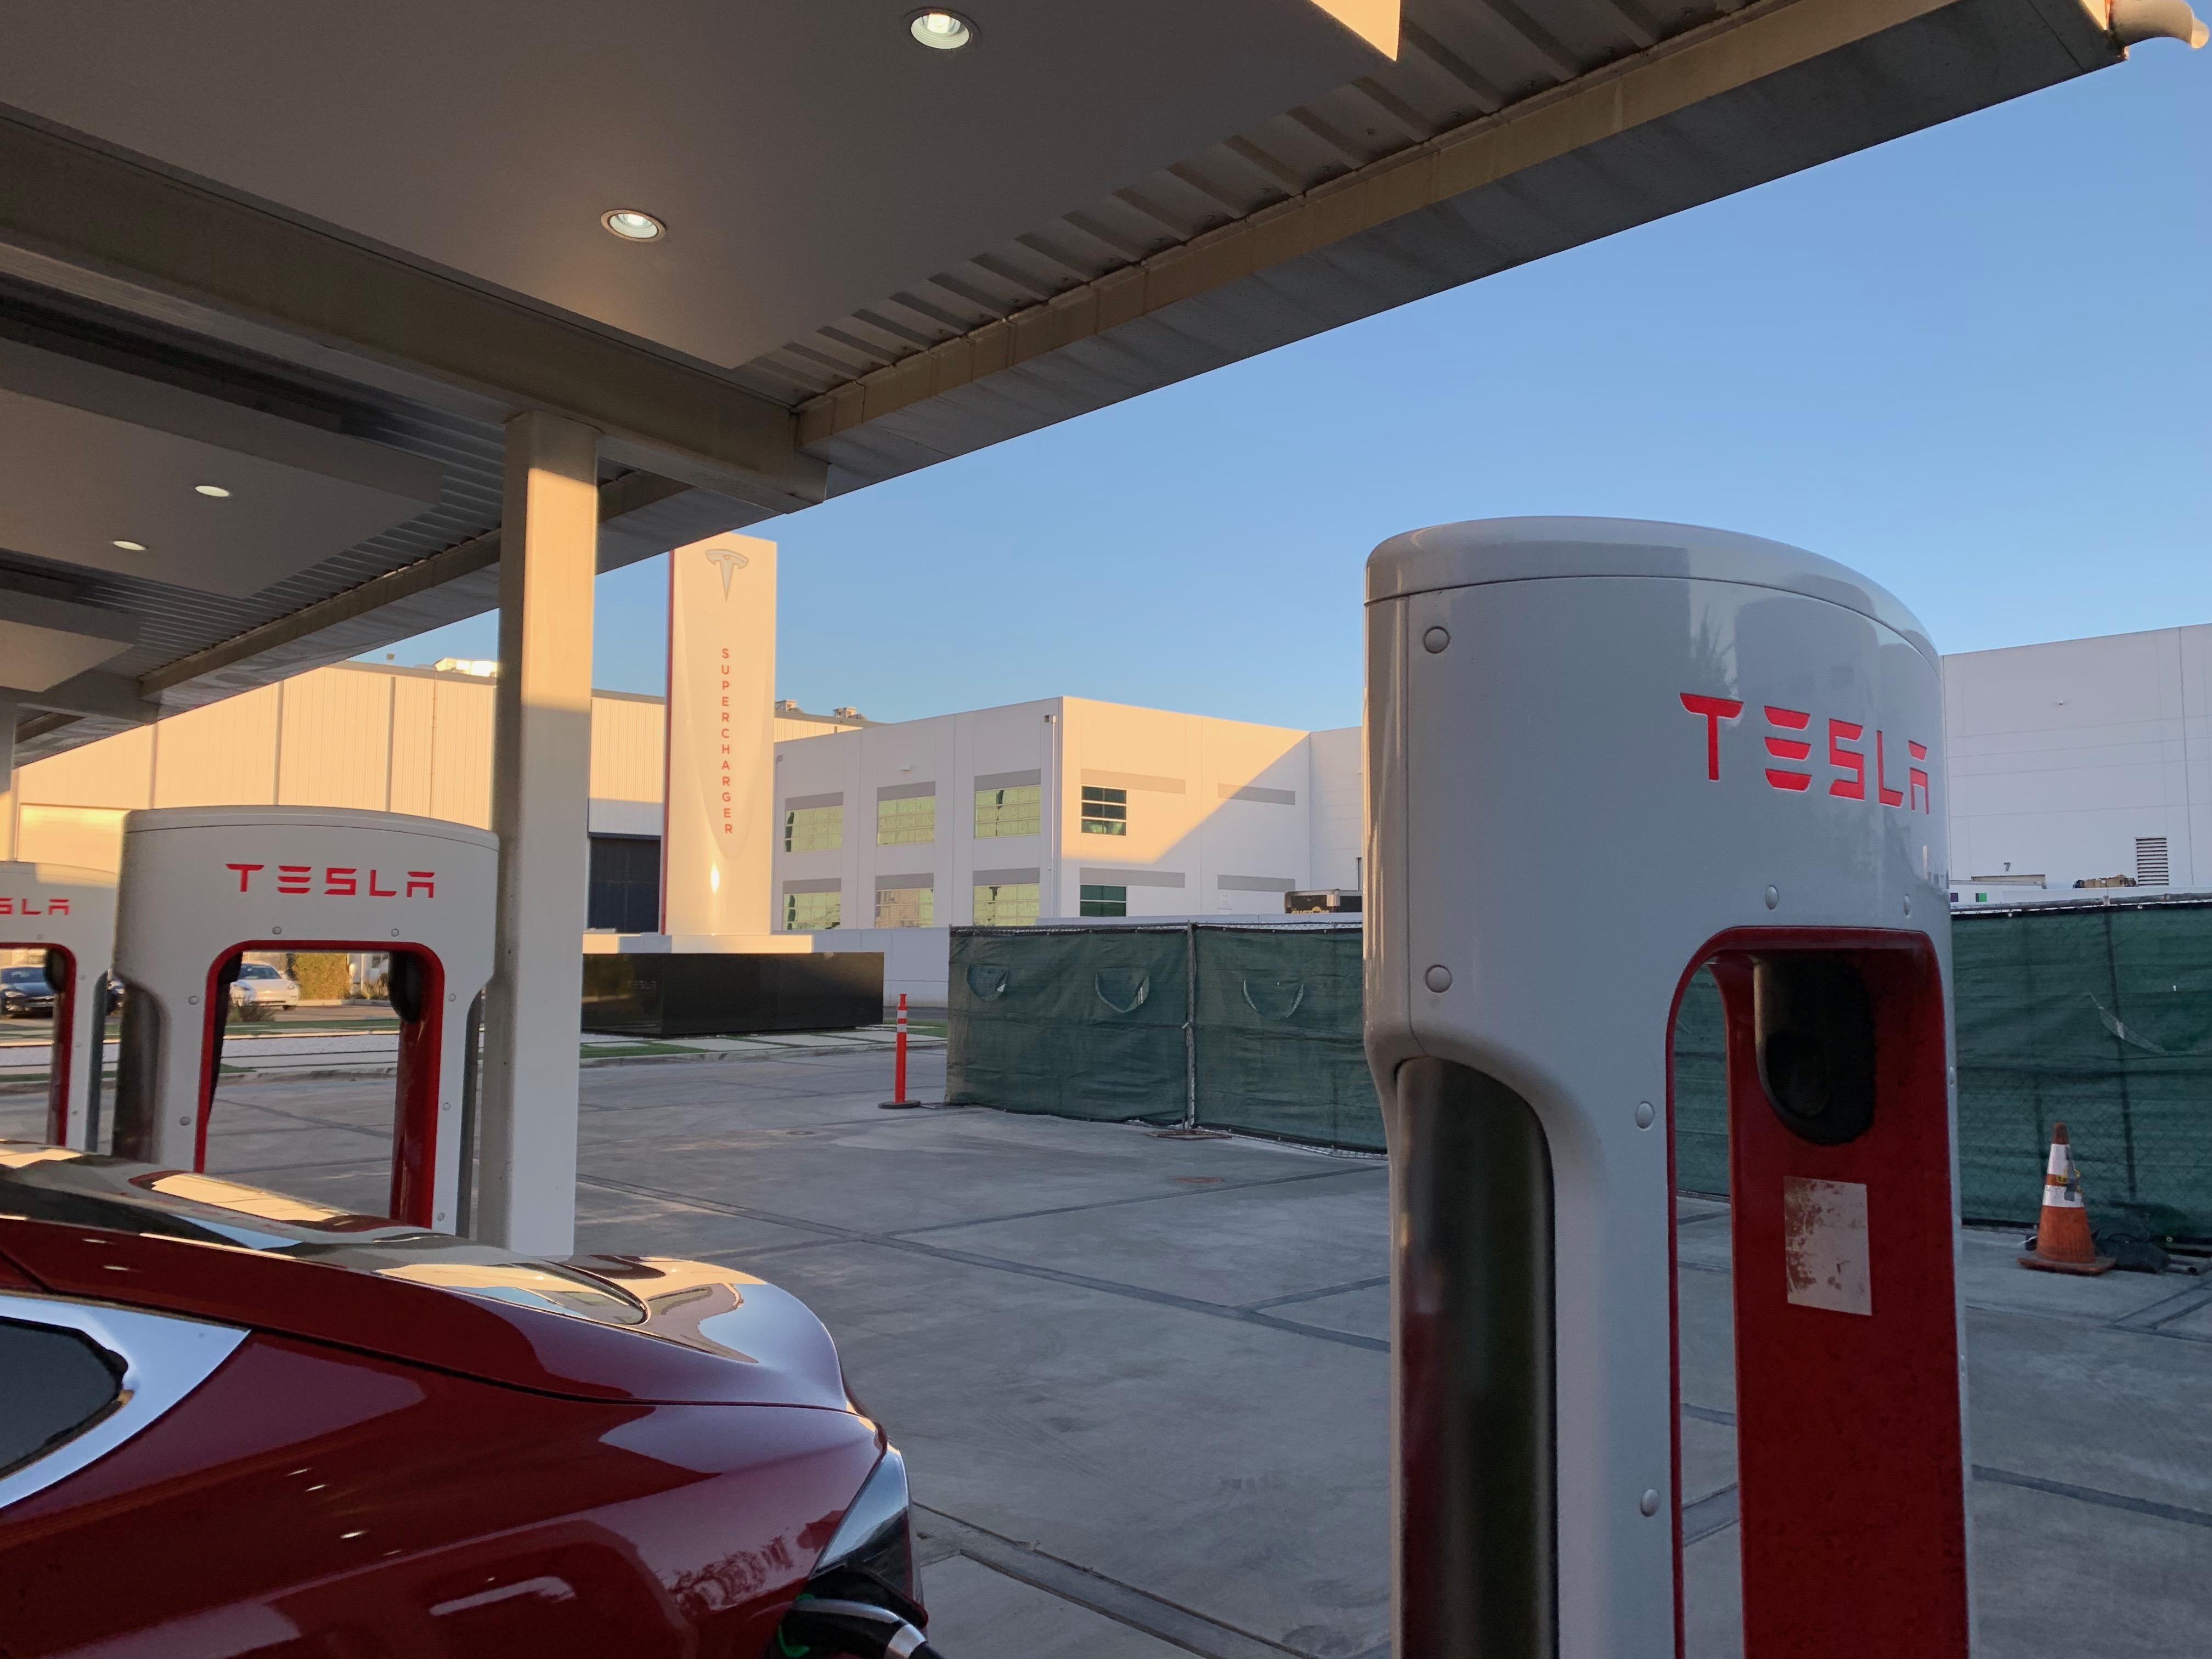 tesla-supercharger-v3-la-design-center-5